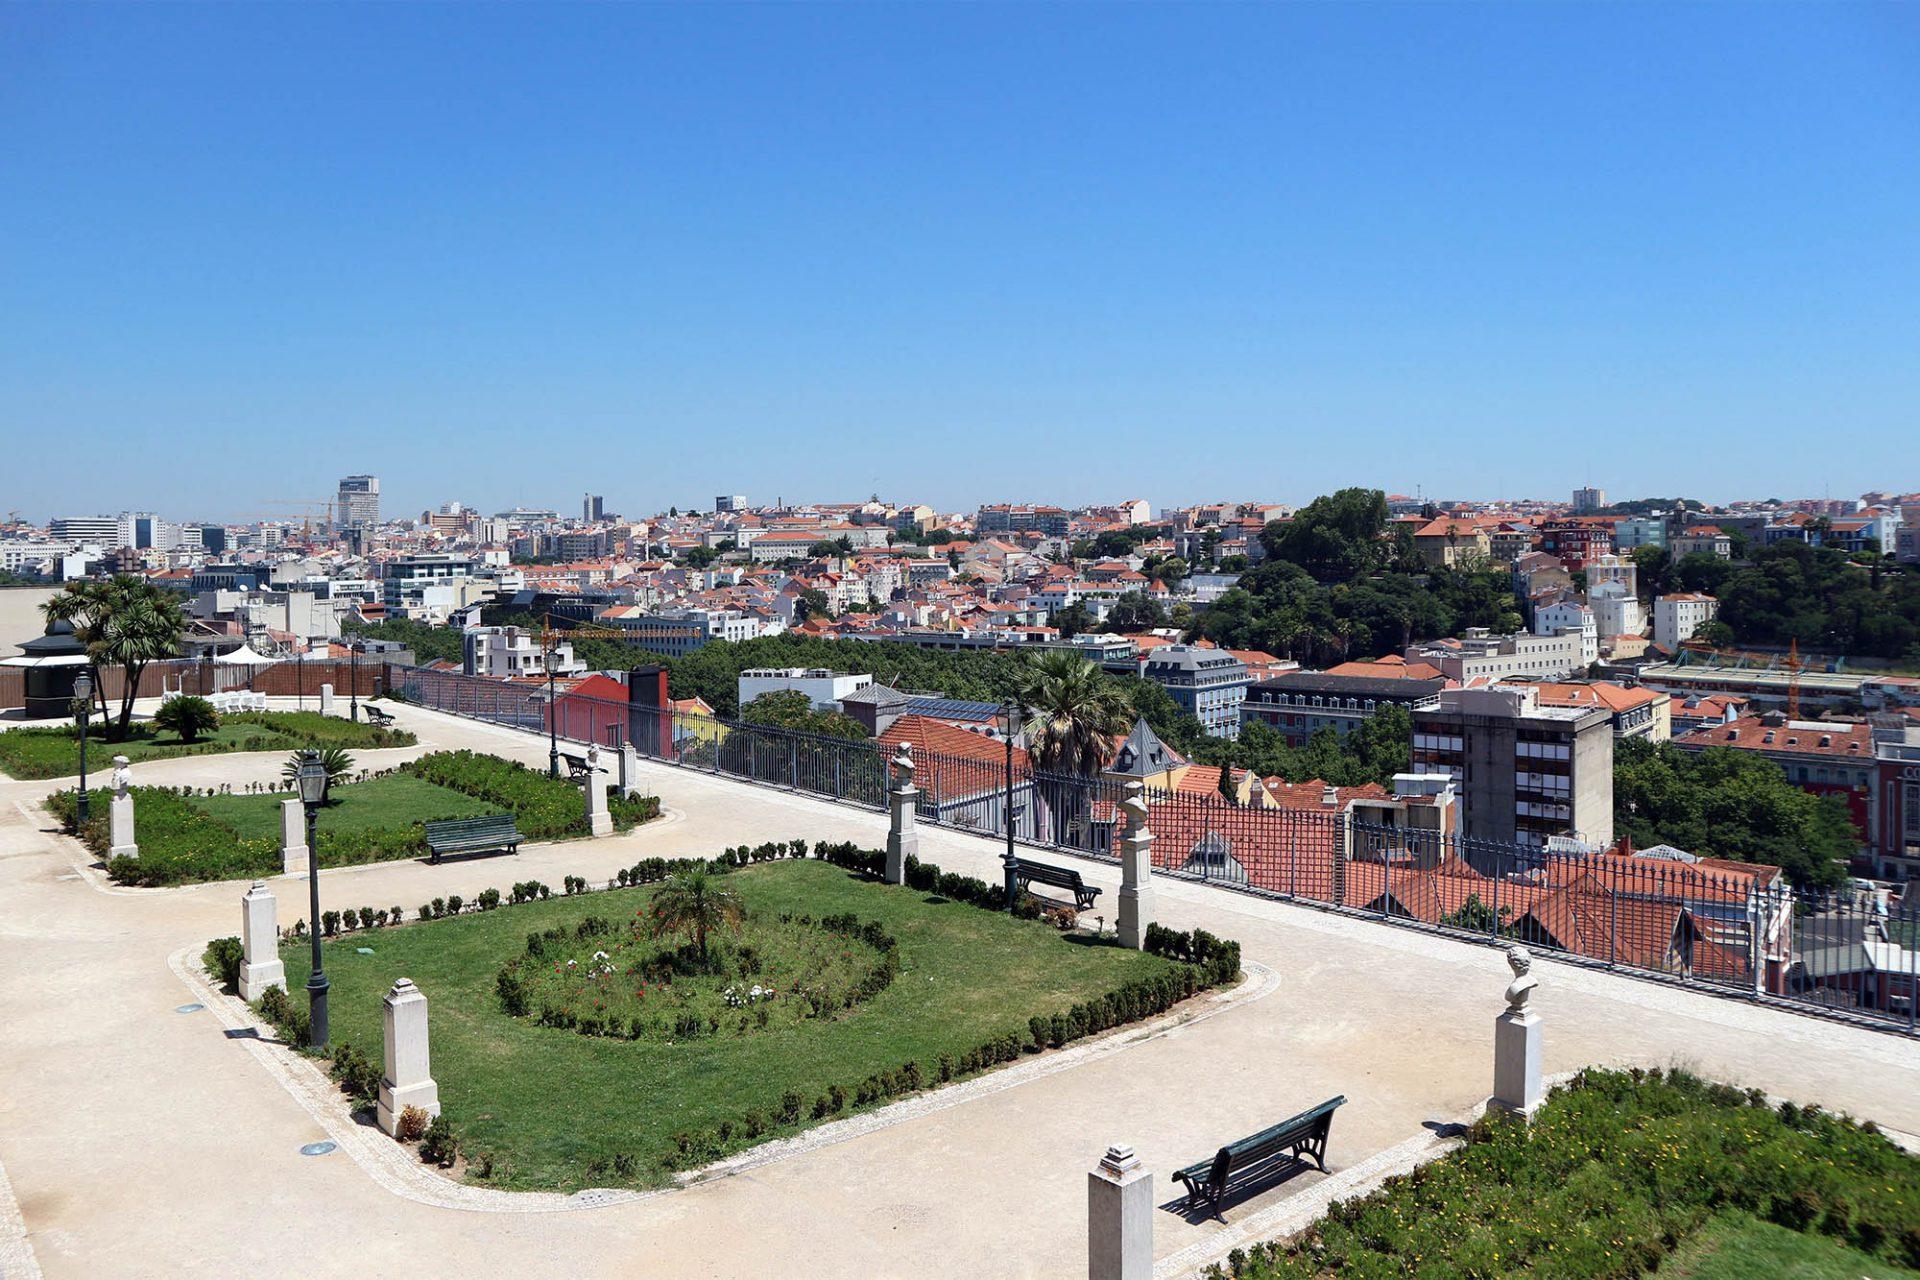 Miradouro de São Pedro de Alcântara. Benannt wurde dieser schöne Ort nach dem spanischen Mystiker, Bußprediger und franziskanischen Ordensreformator Petrus von Alcantara (Elevador da Glória).